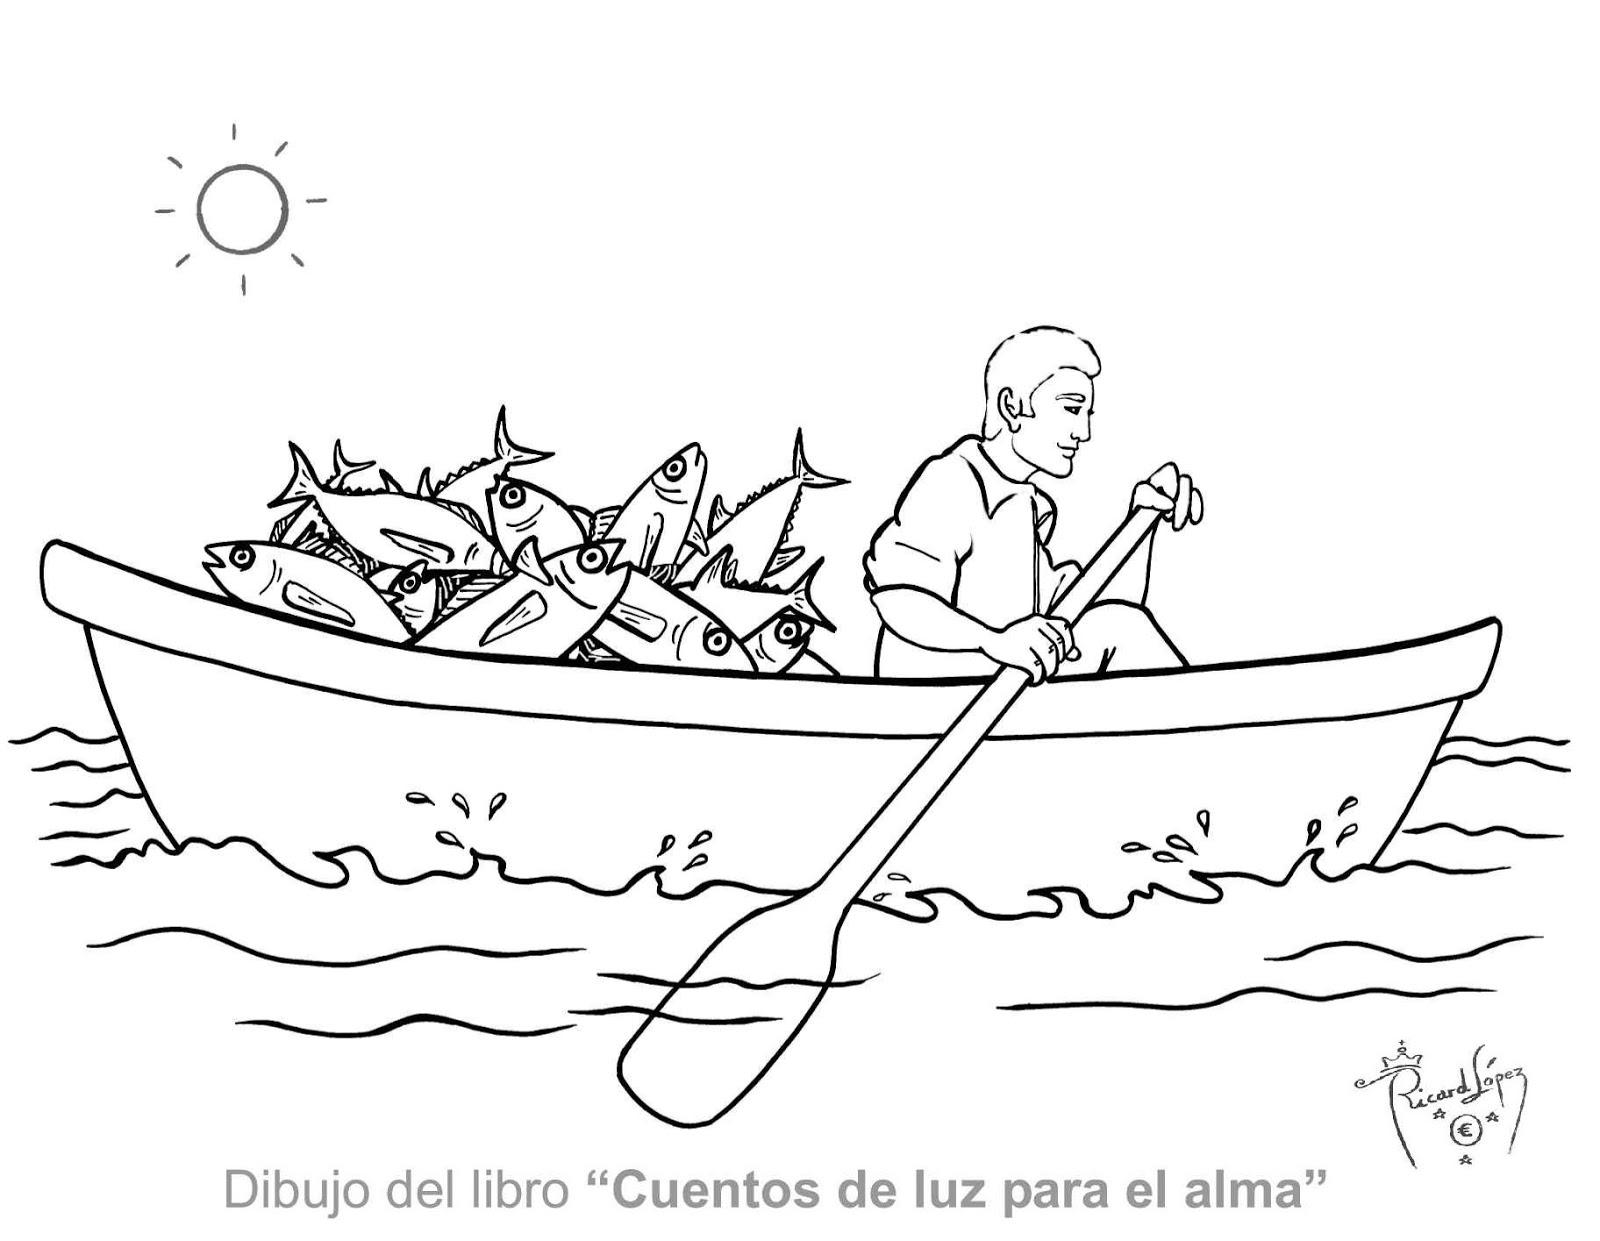 Dibujos Para Colorear Un Pescador: Pin Pescador Para Colorear On Pinterest